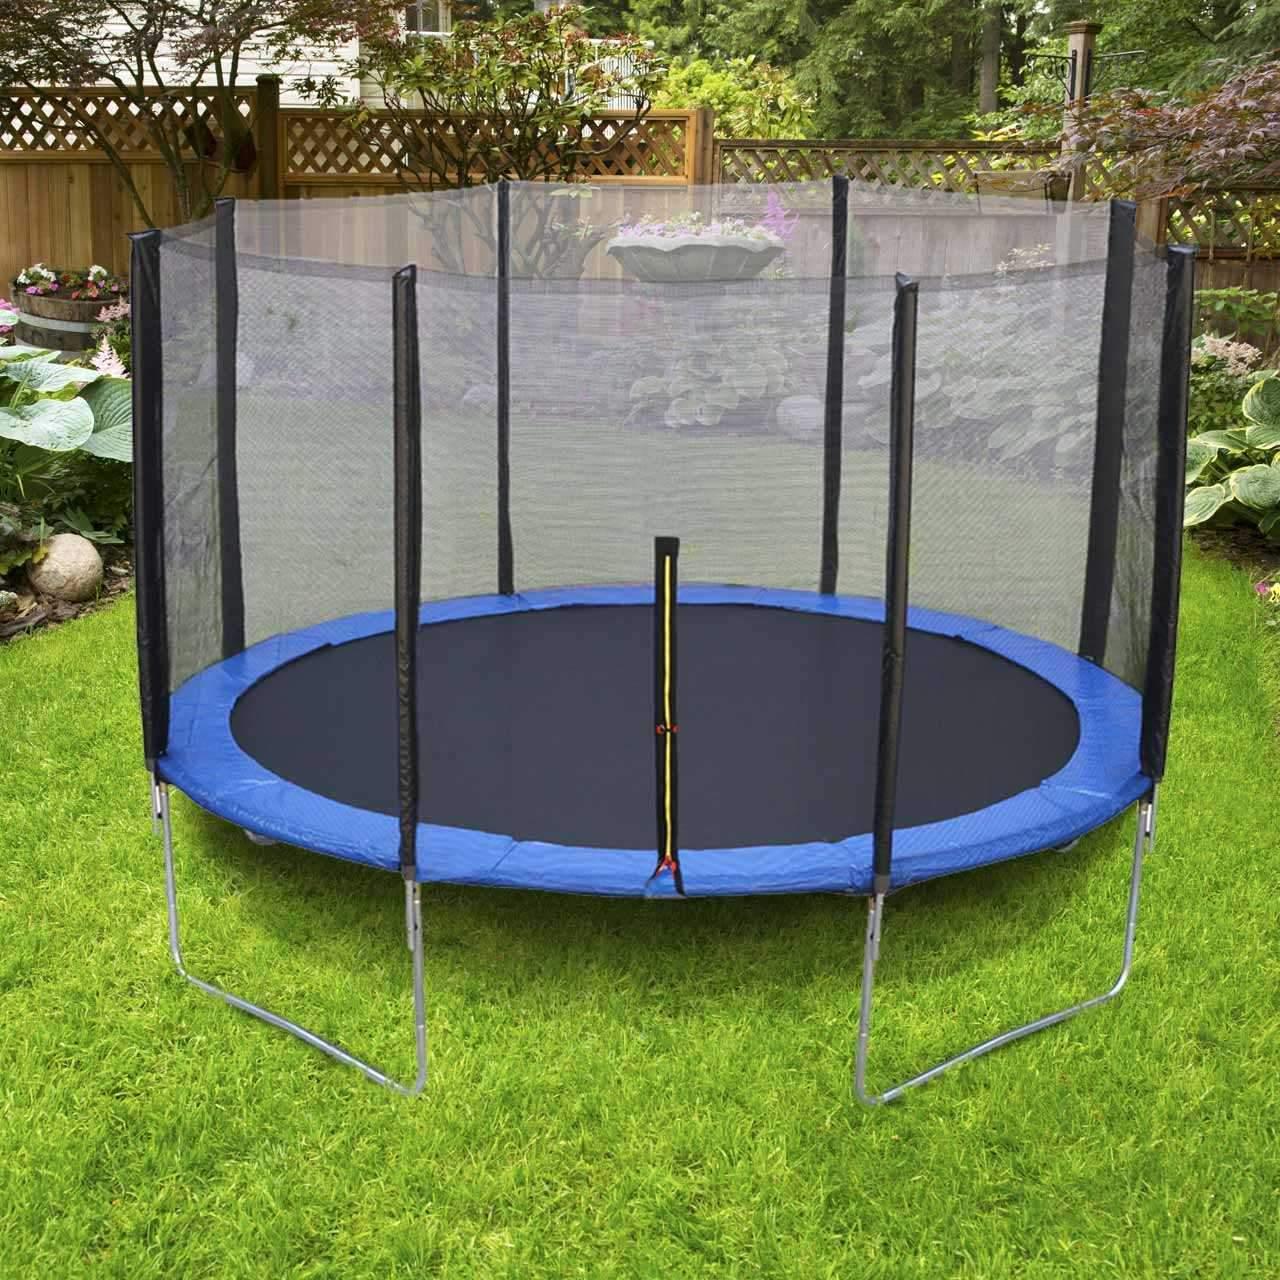 Garten Trampolin Inspirierend Trampolin Mit Sicherheitsnetz Für Kinder U Erwachsene